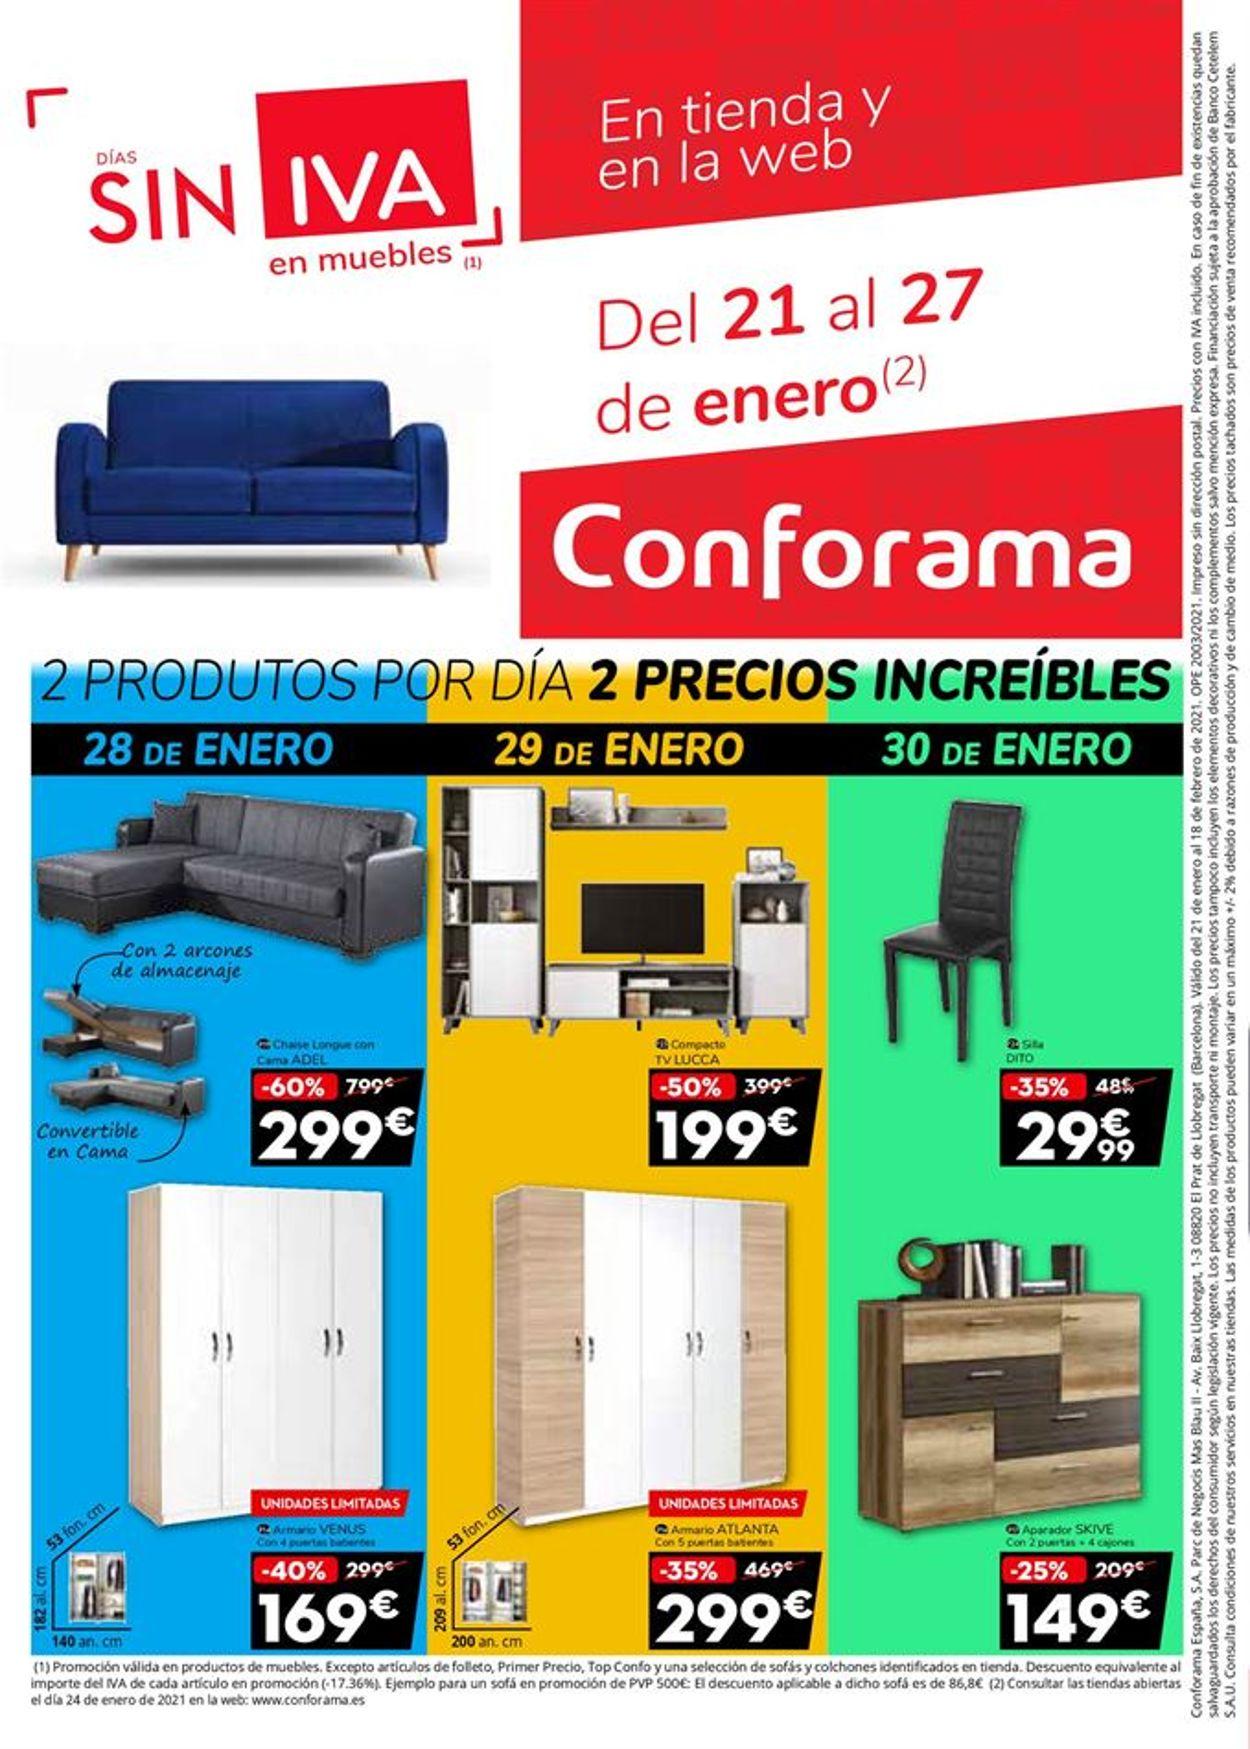 Conforama Colchones 2021 Folleto - 21.01-18.02.2021 (Página 32)